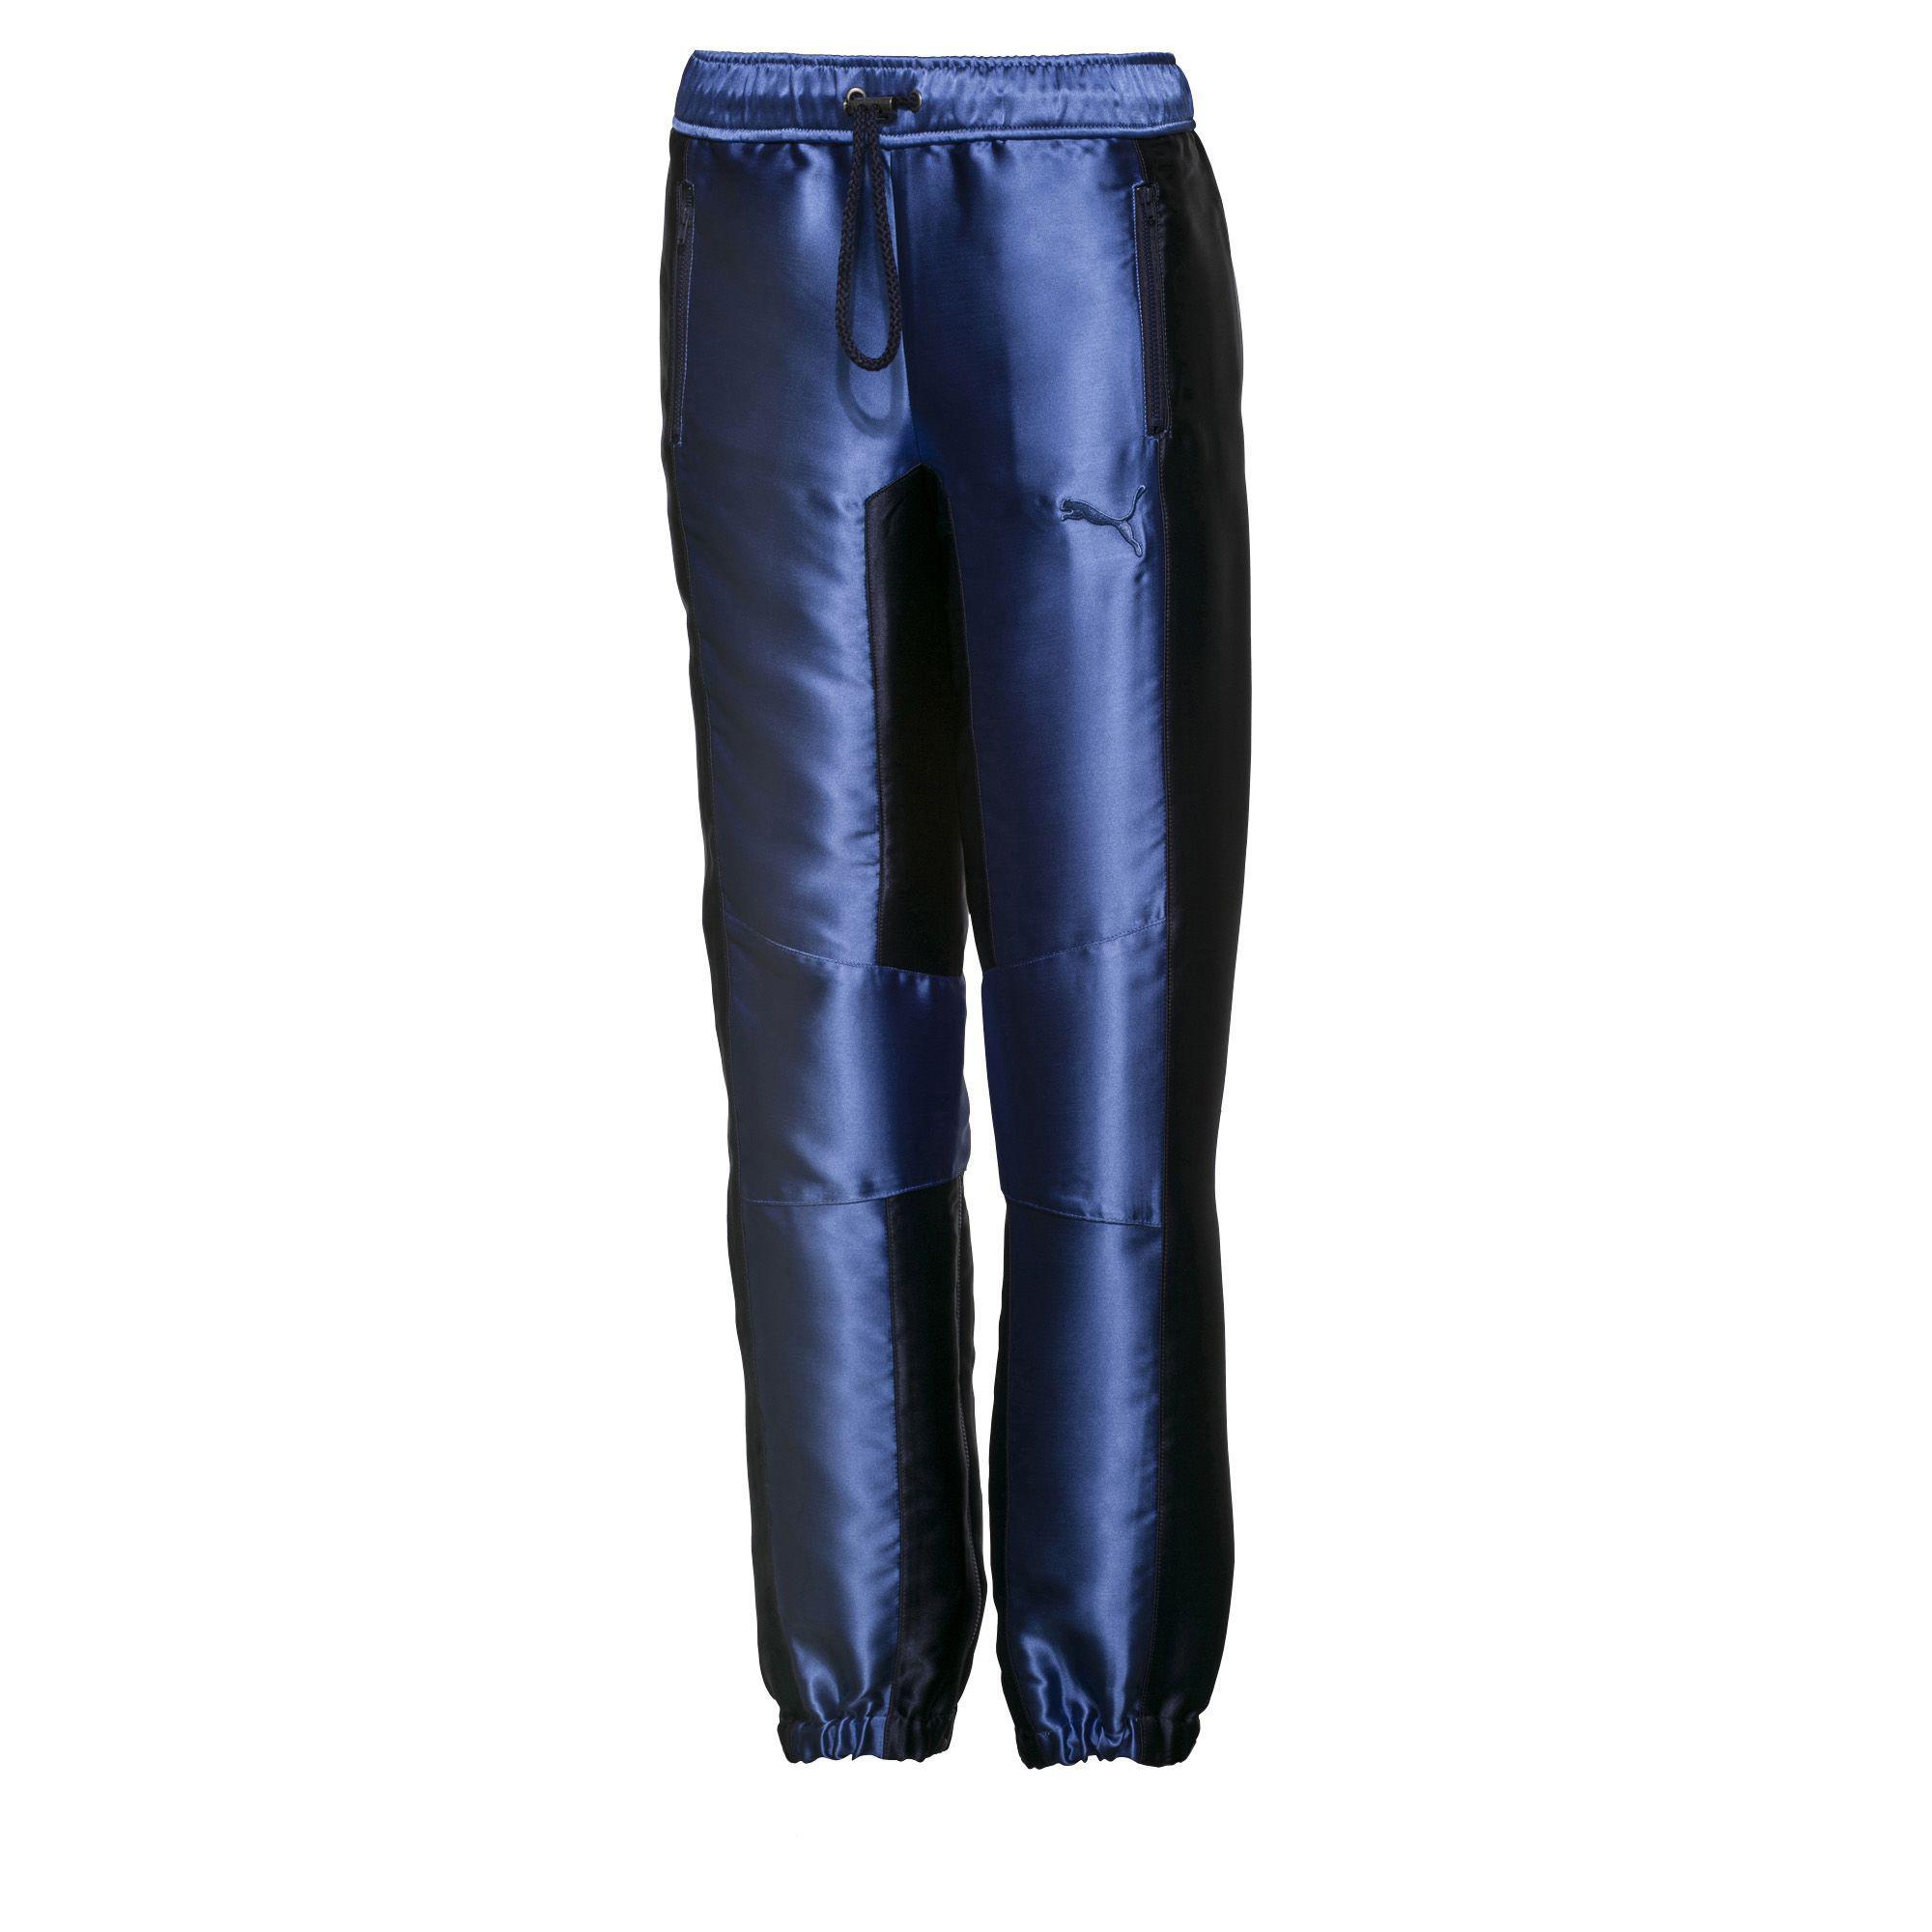 0dd6bd2b526b Lyst - PUMA Fenty Women s Satin Track Pant in Blue